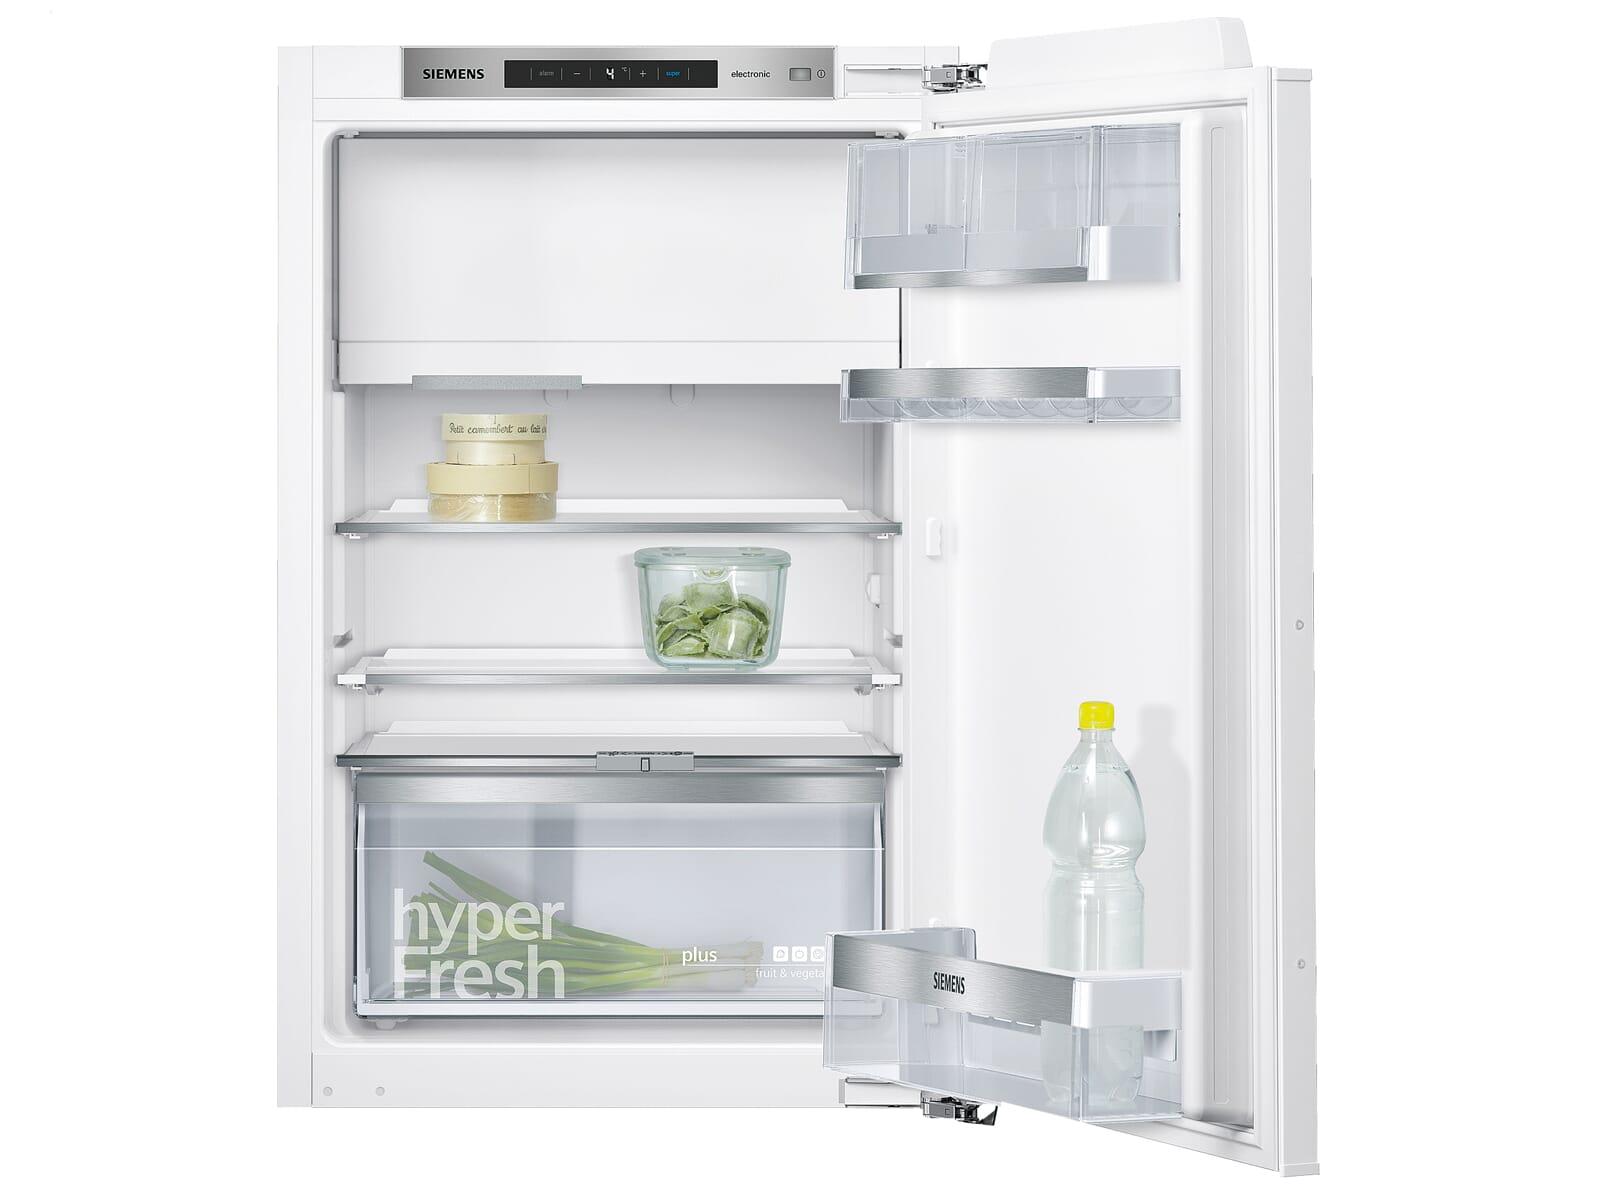 Kleiner Kühlschrank Siemens : Siemens ki22lad40 einbaukühlschrank ebay